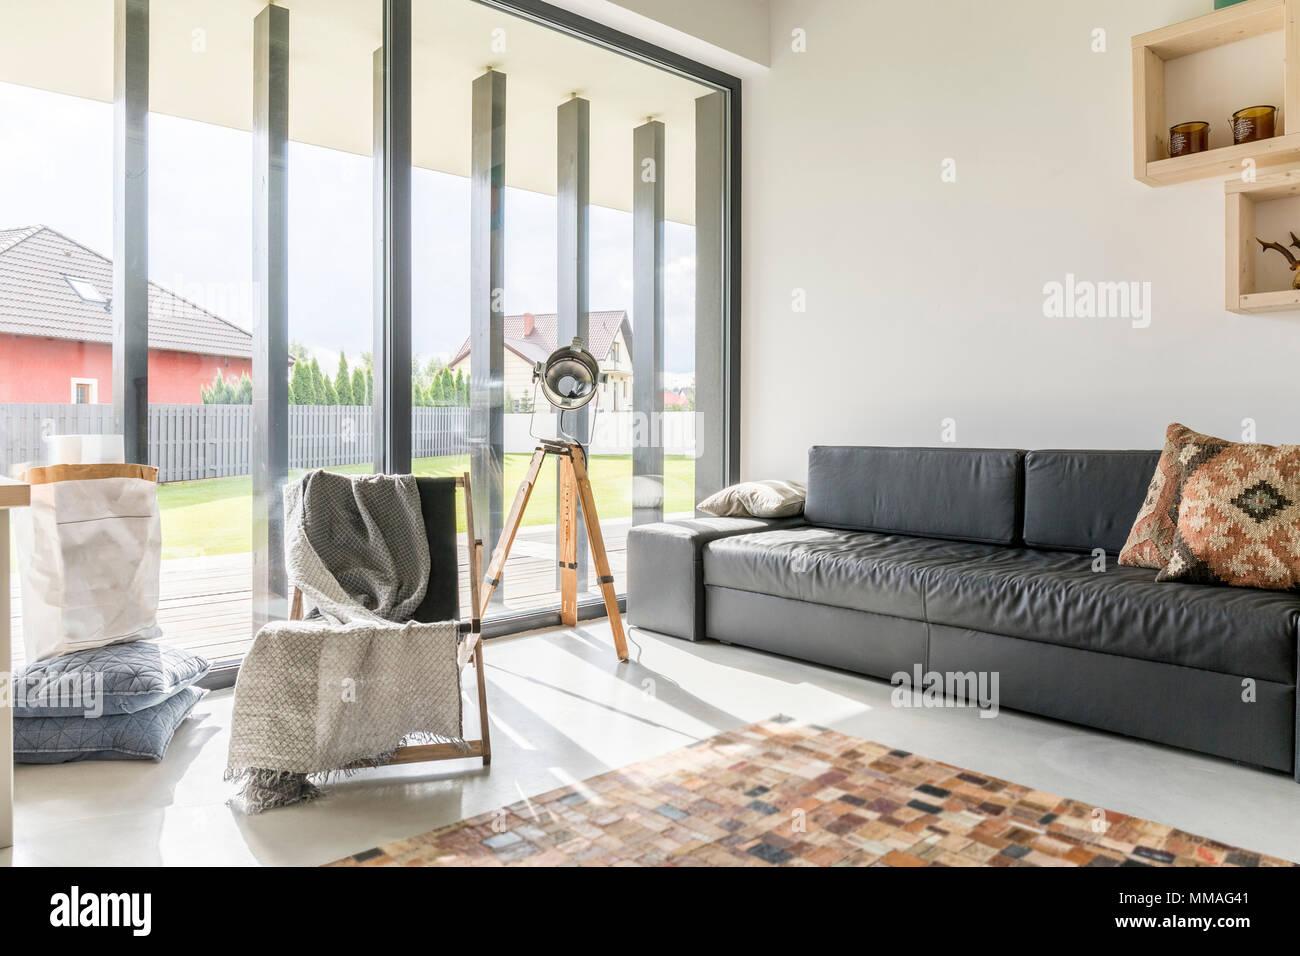 Soggiorno con finestra a parete nera divano e la moquette foto